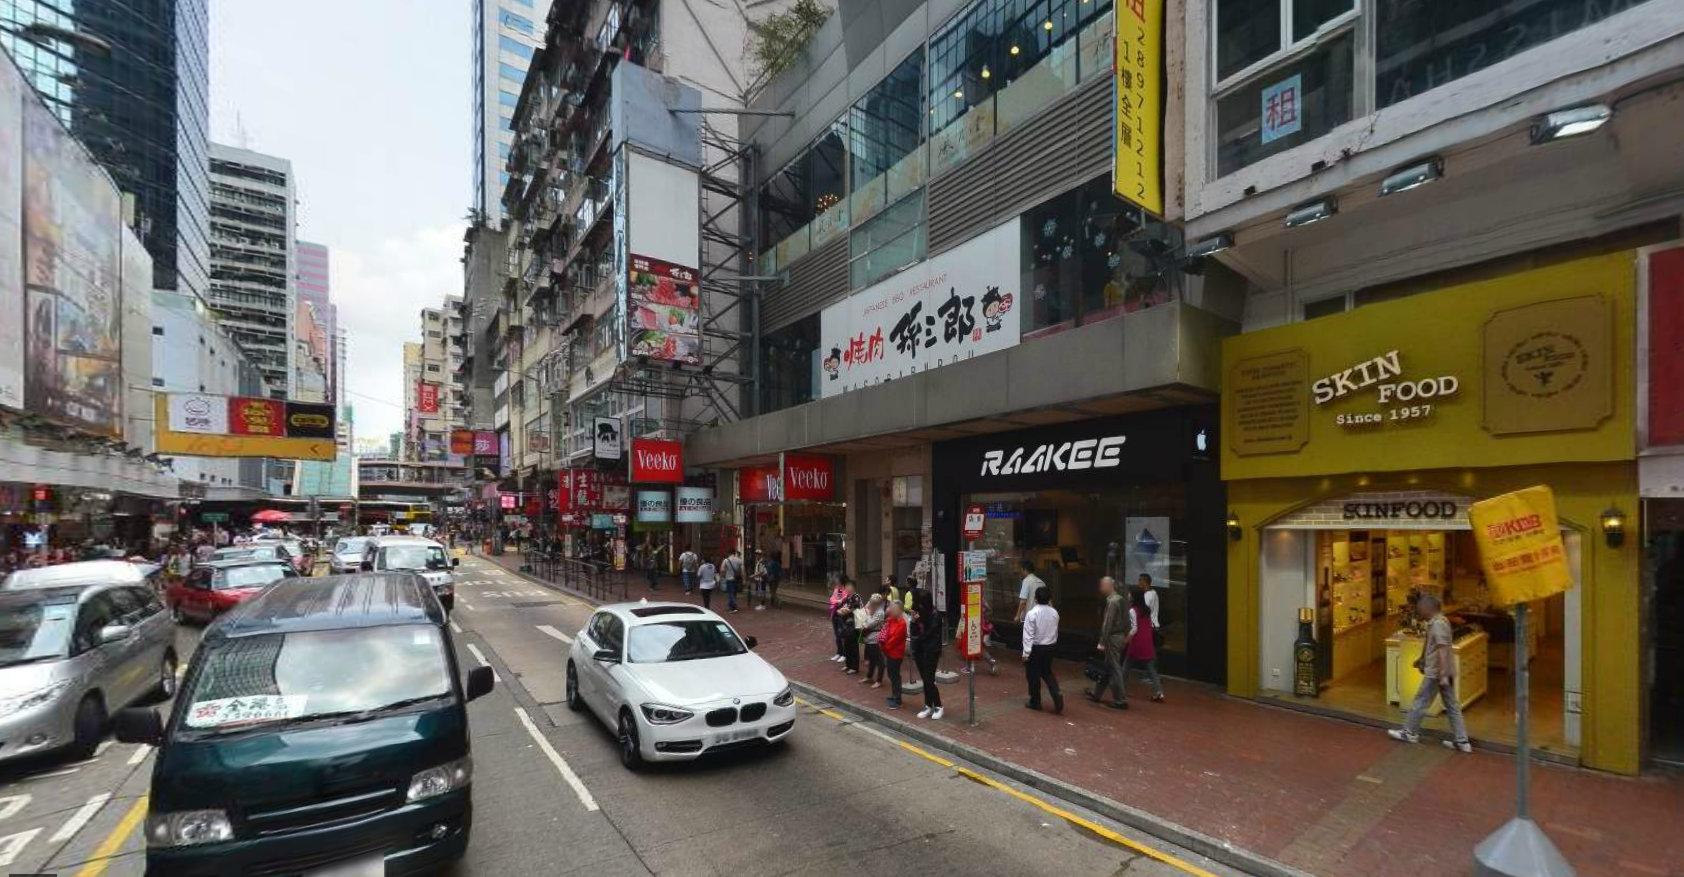 香港旺角手机_香港旺角哪里有苹果电脑专卖店?_百度知道